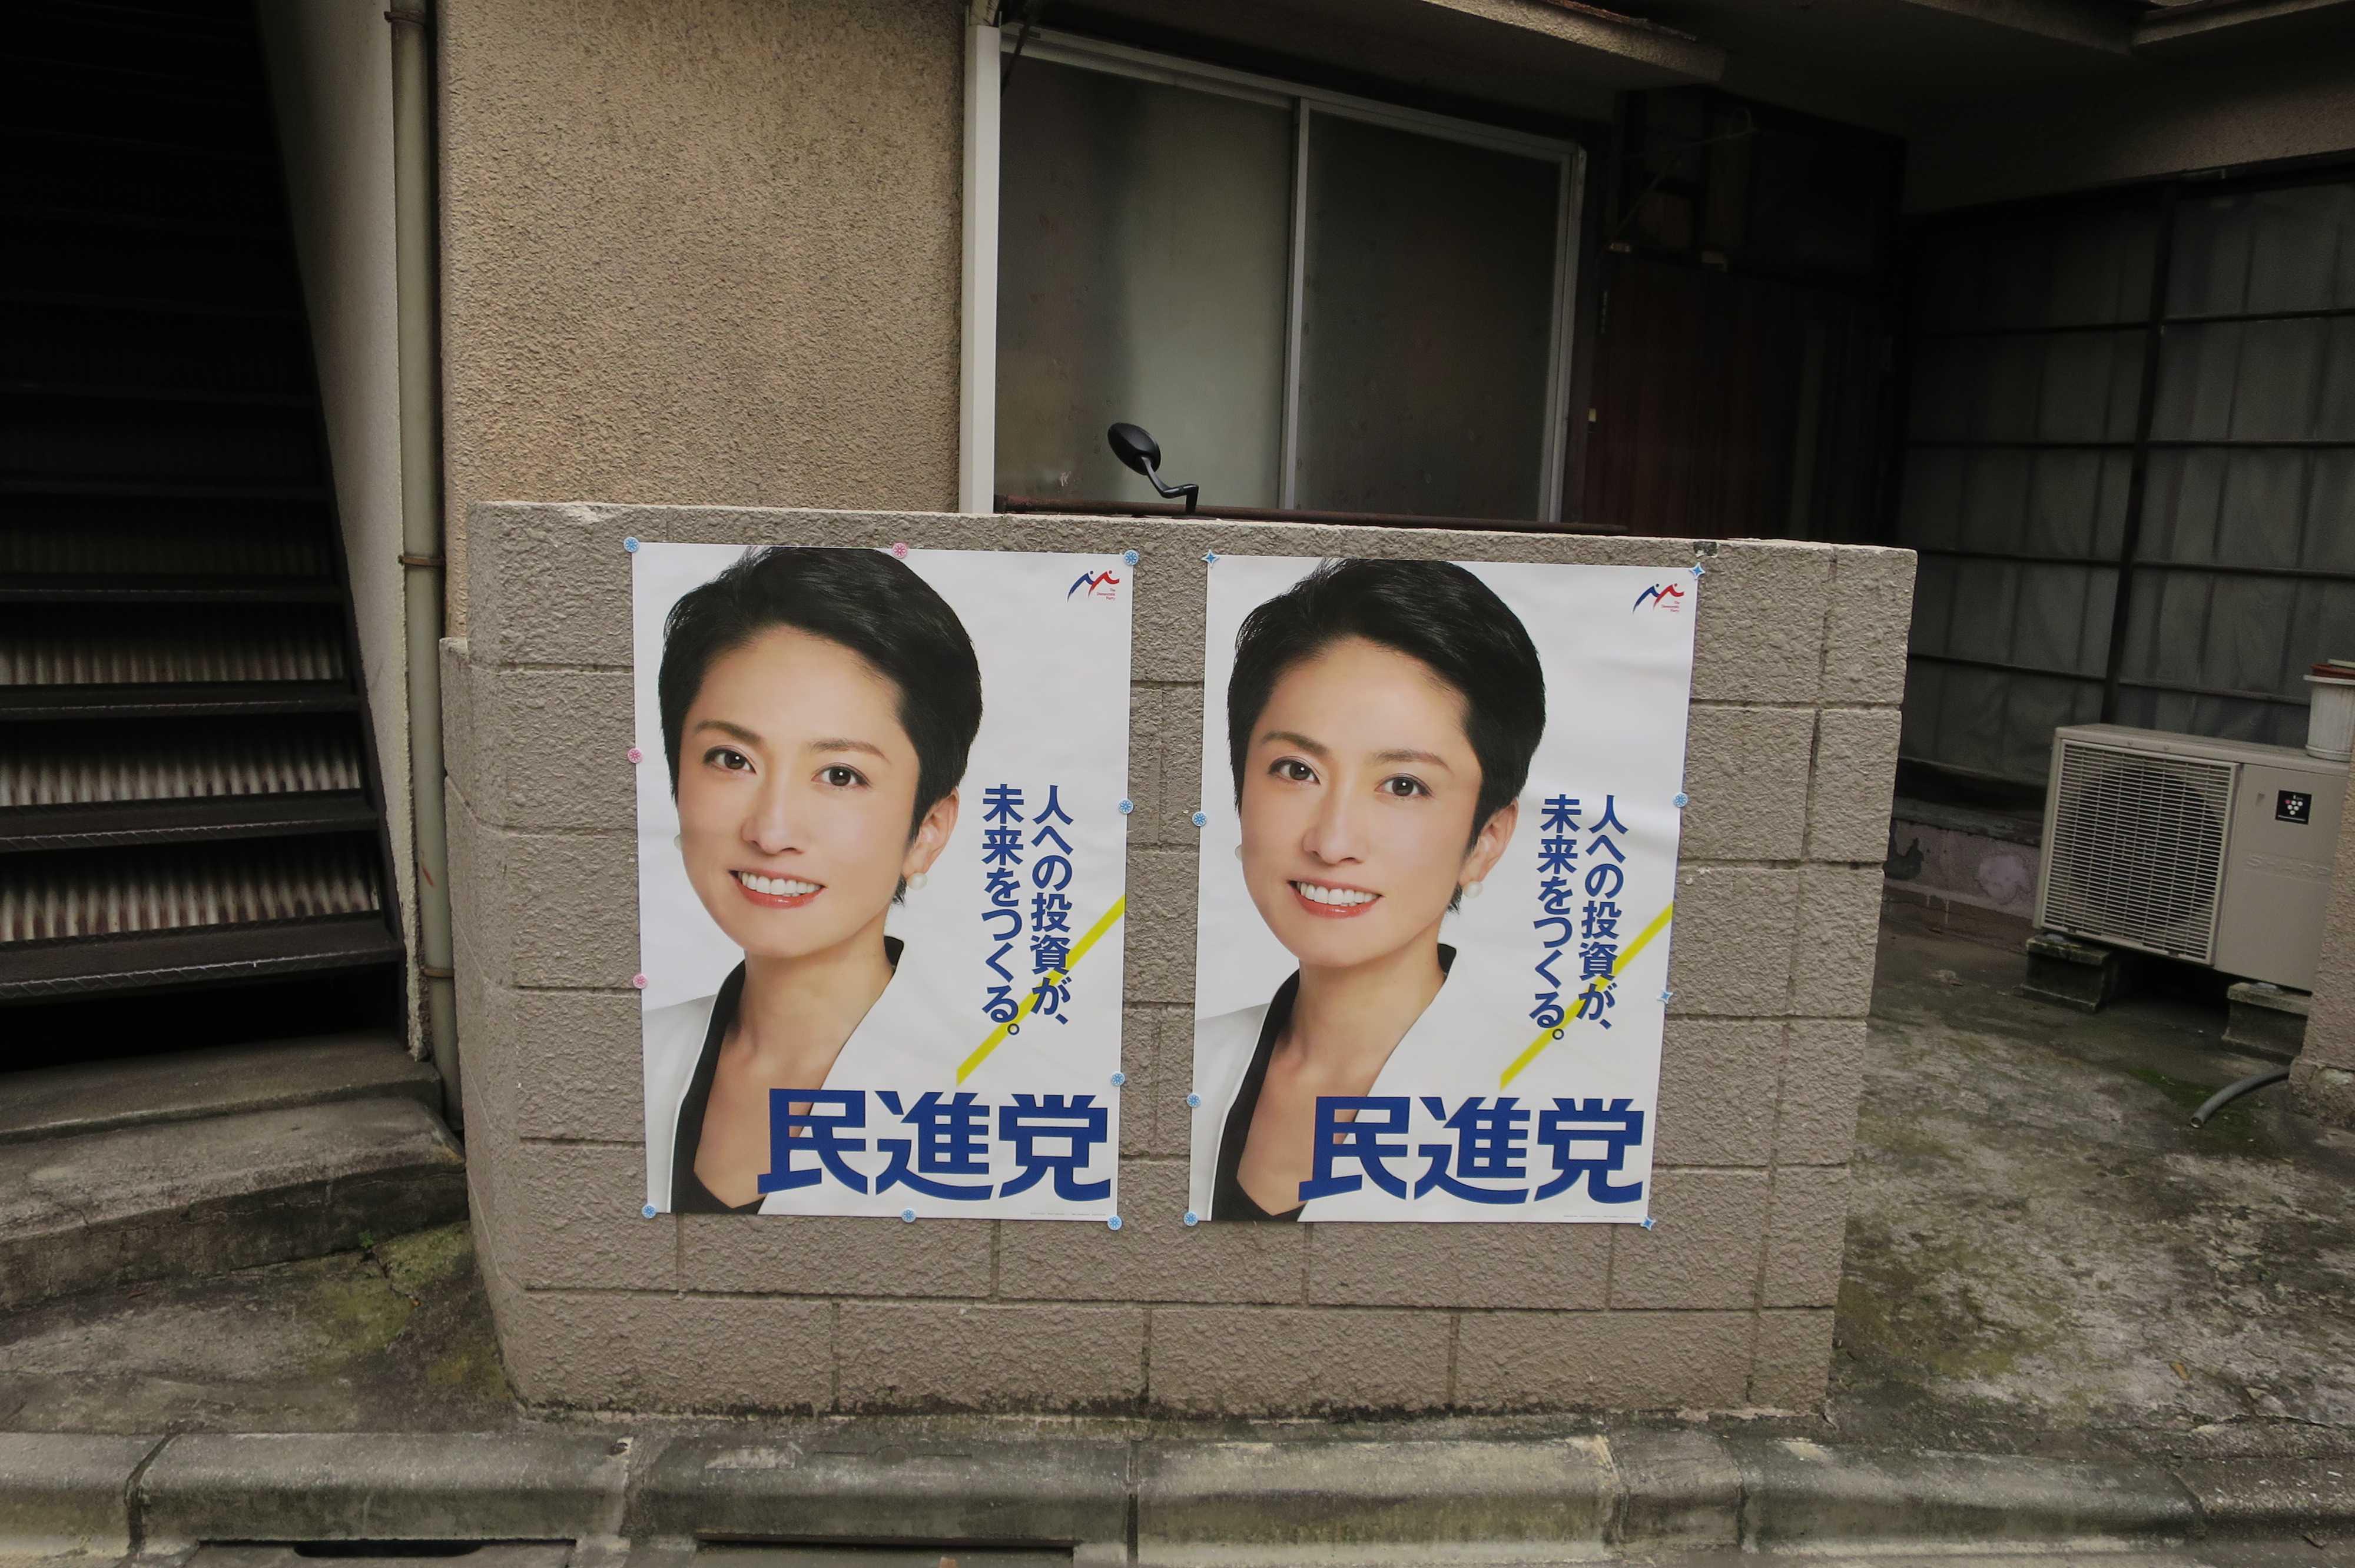 民進党代表の蓮舫さんのポスター